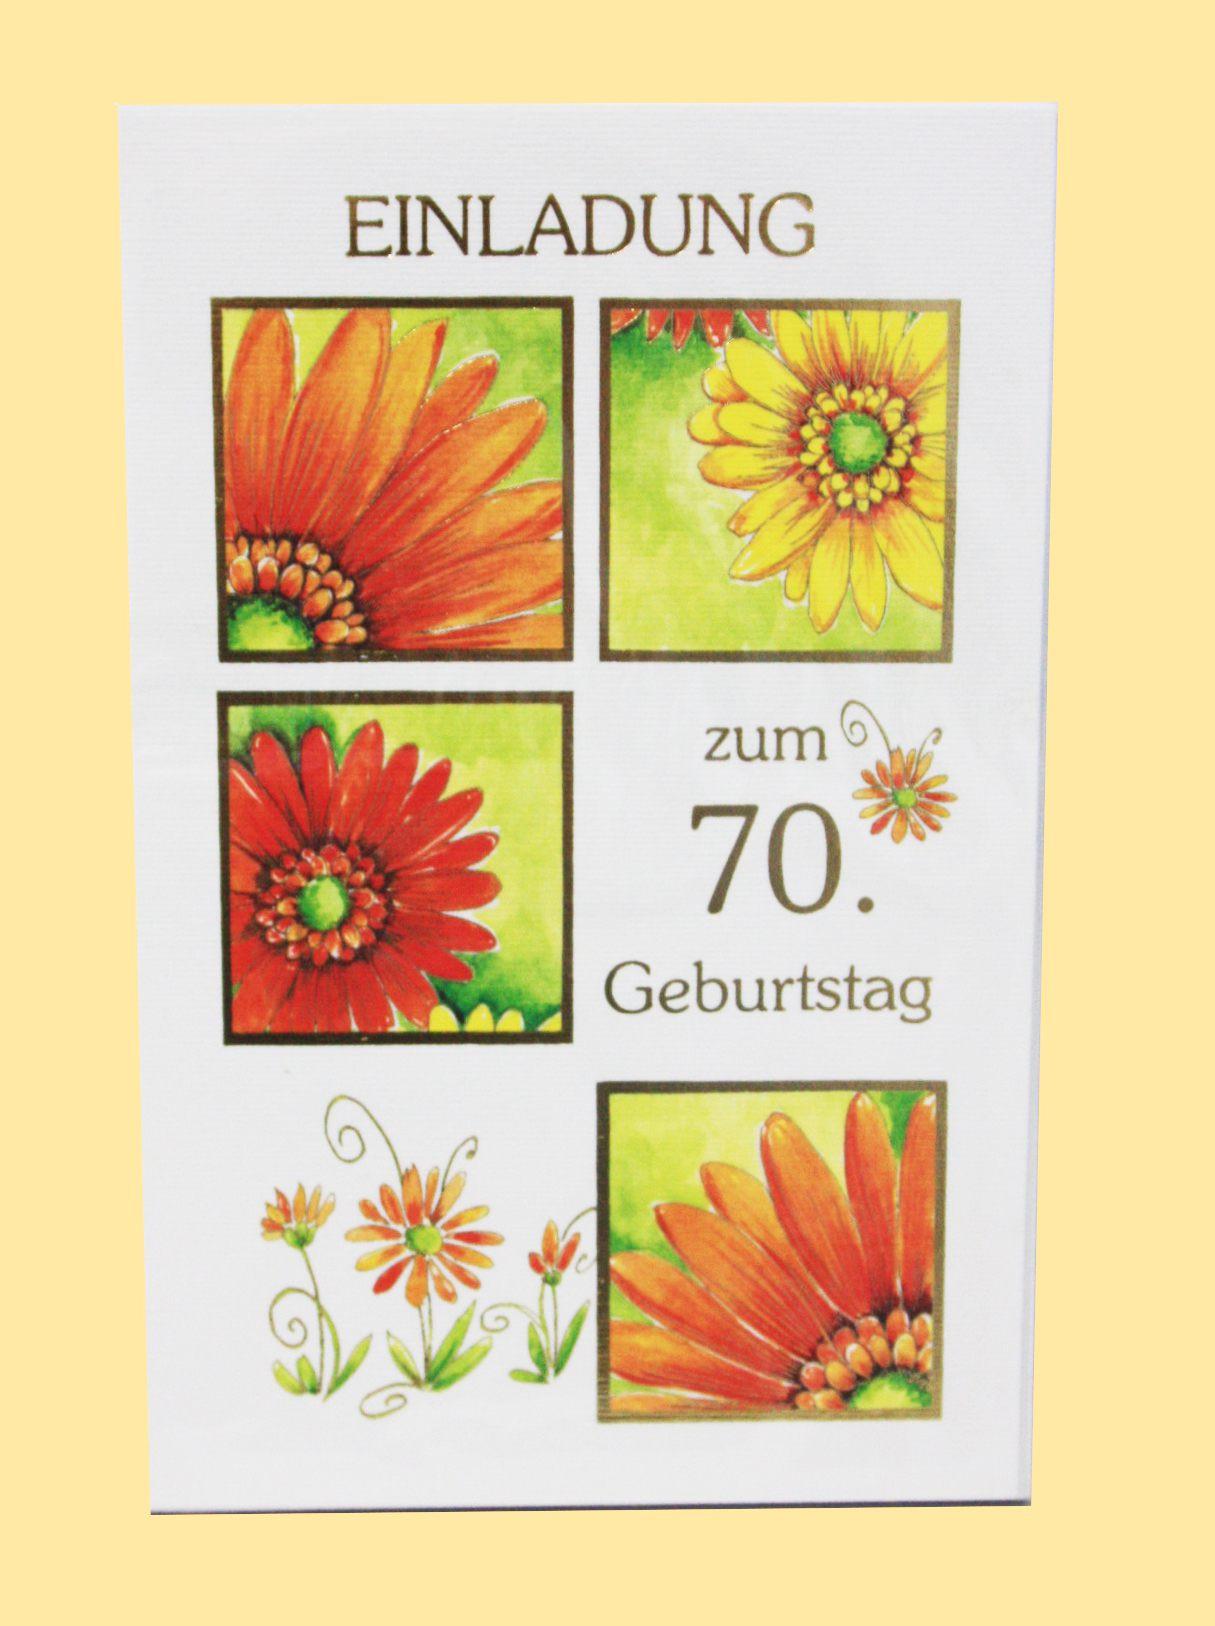 Geburtstagswünsche Zum 70.  einladung geburtstag einladung zum geburtstag text